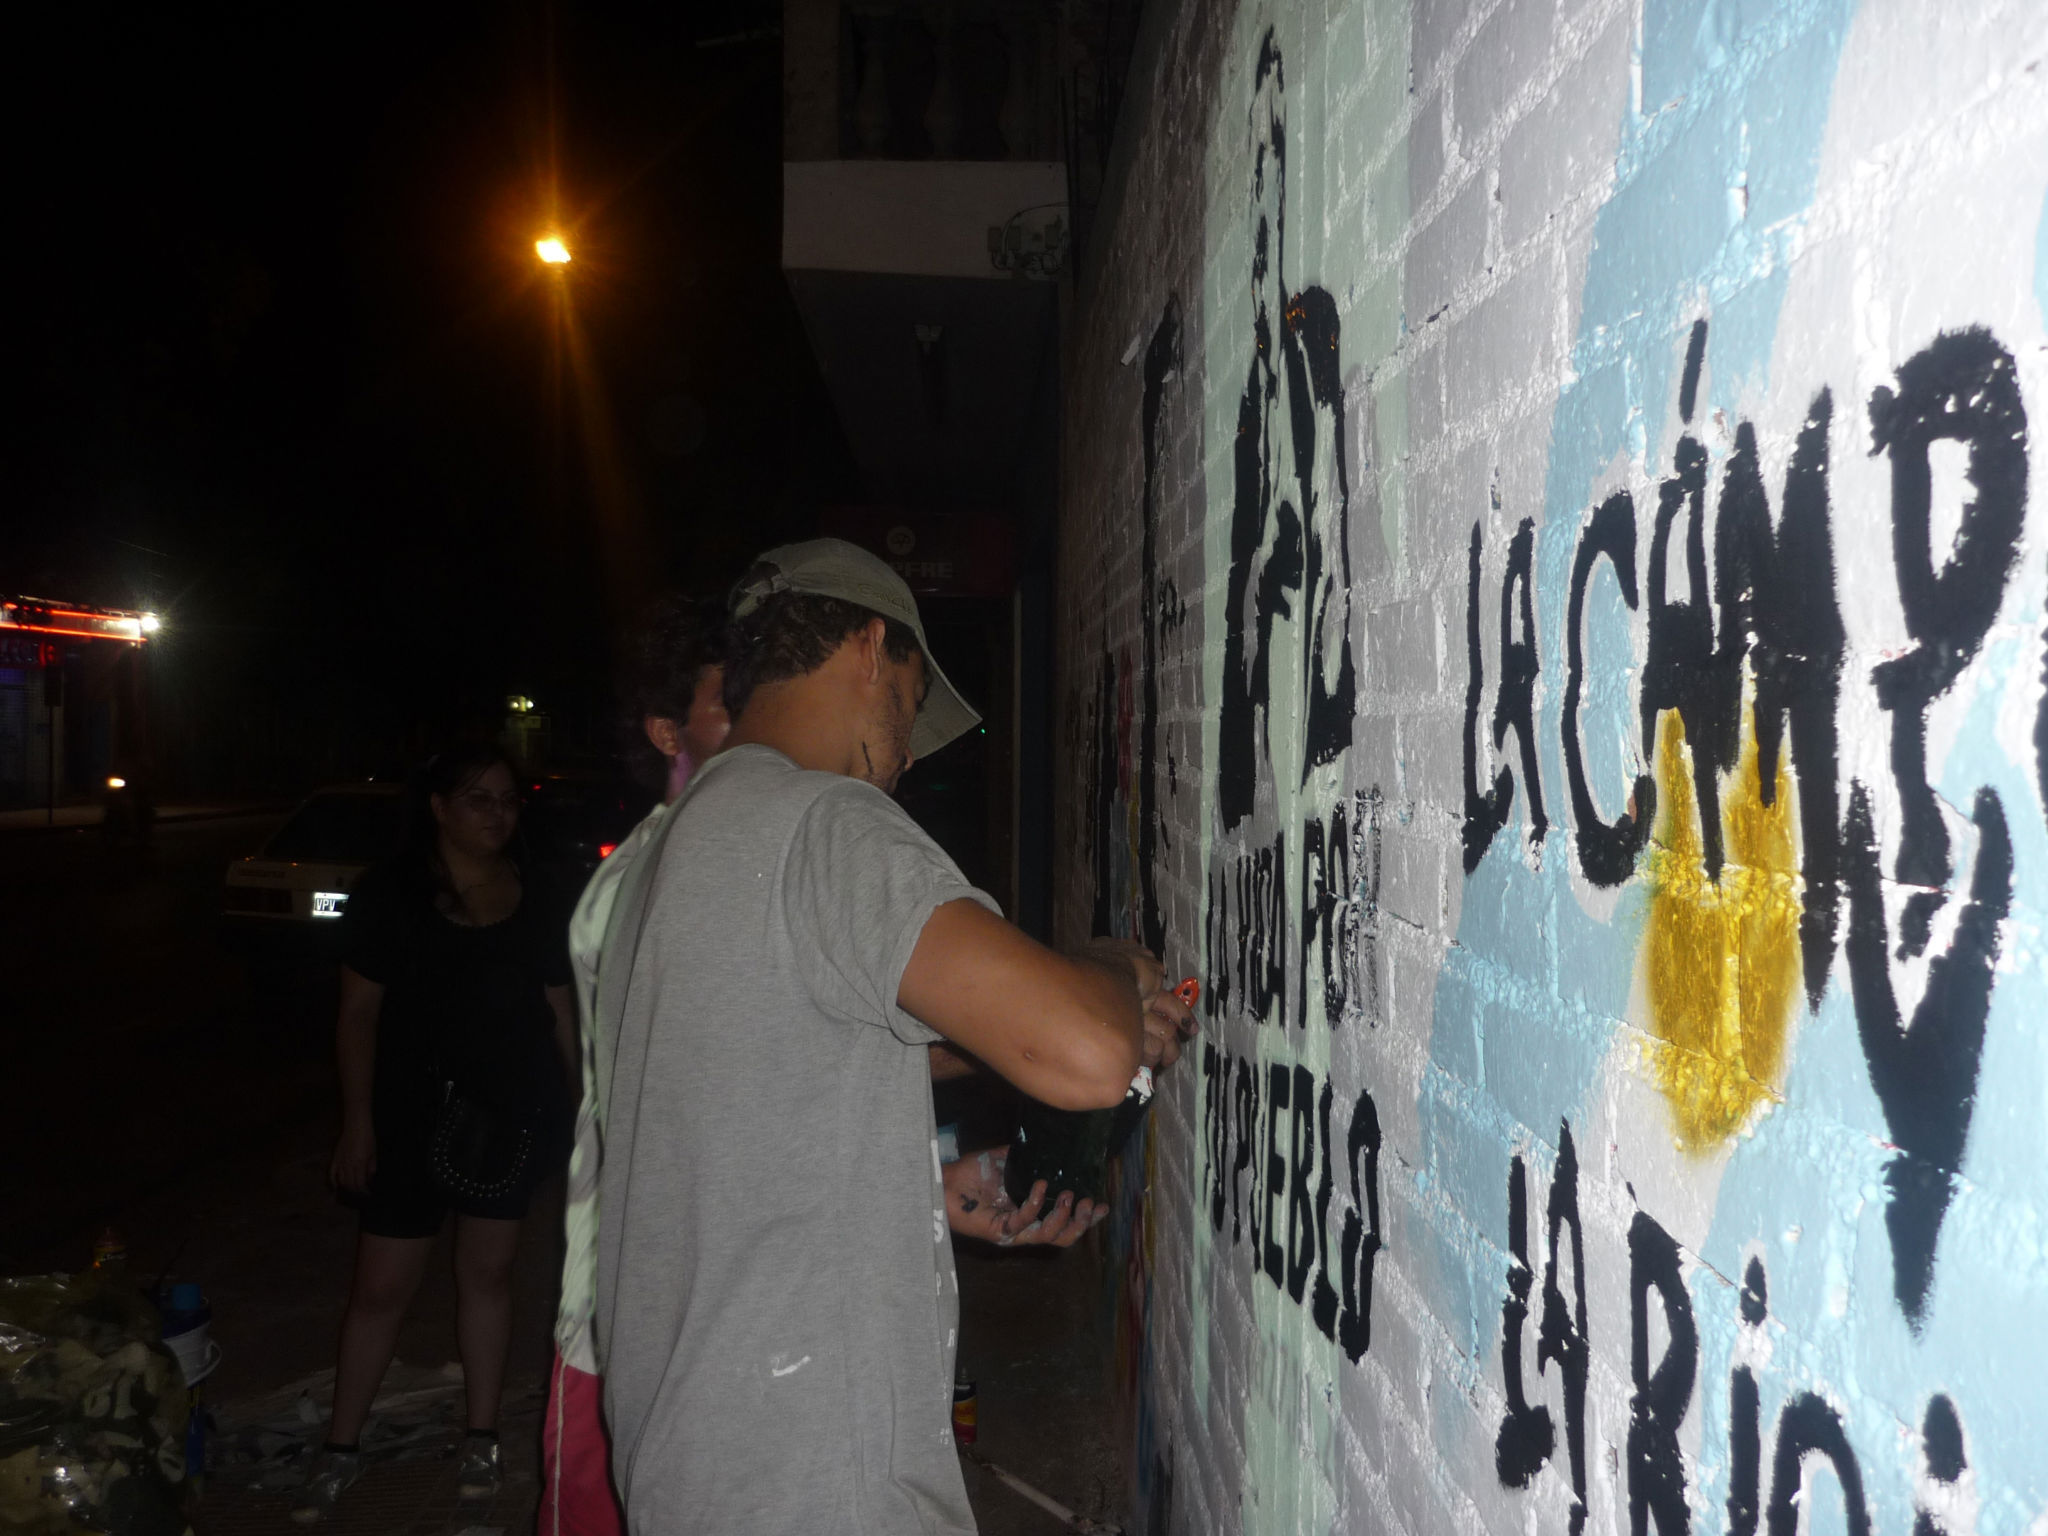 la-rioja-mural-5